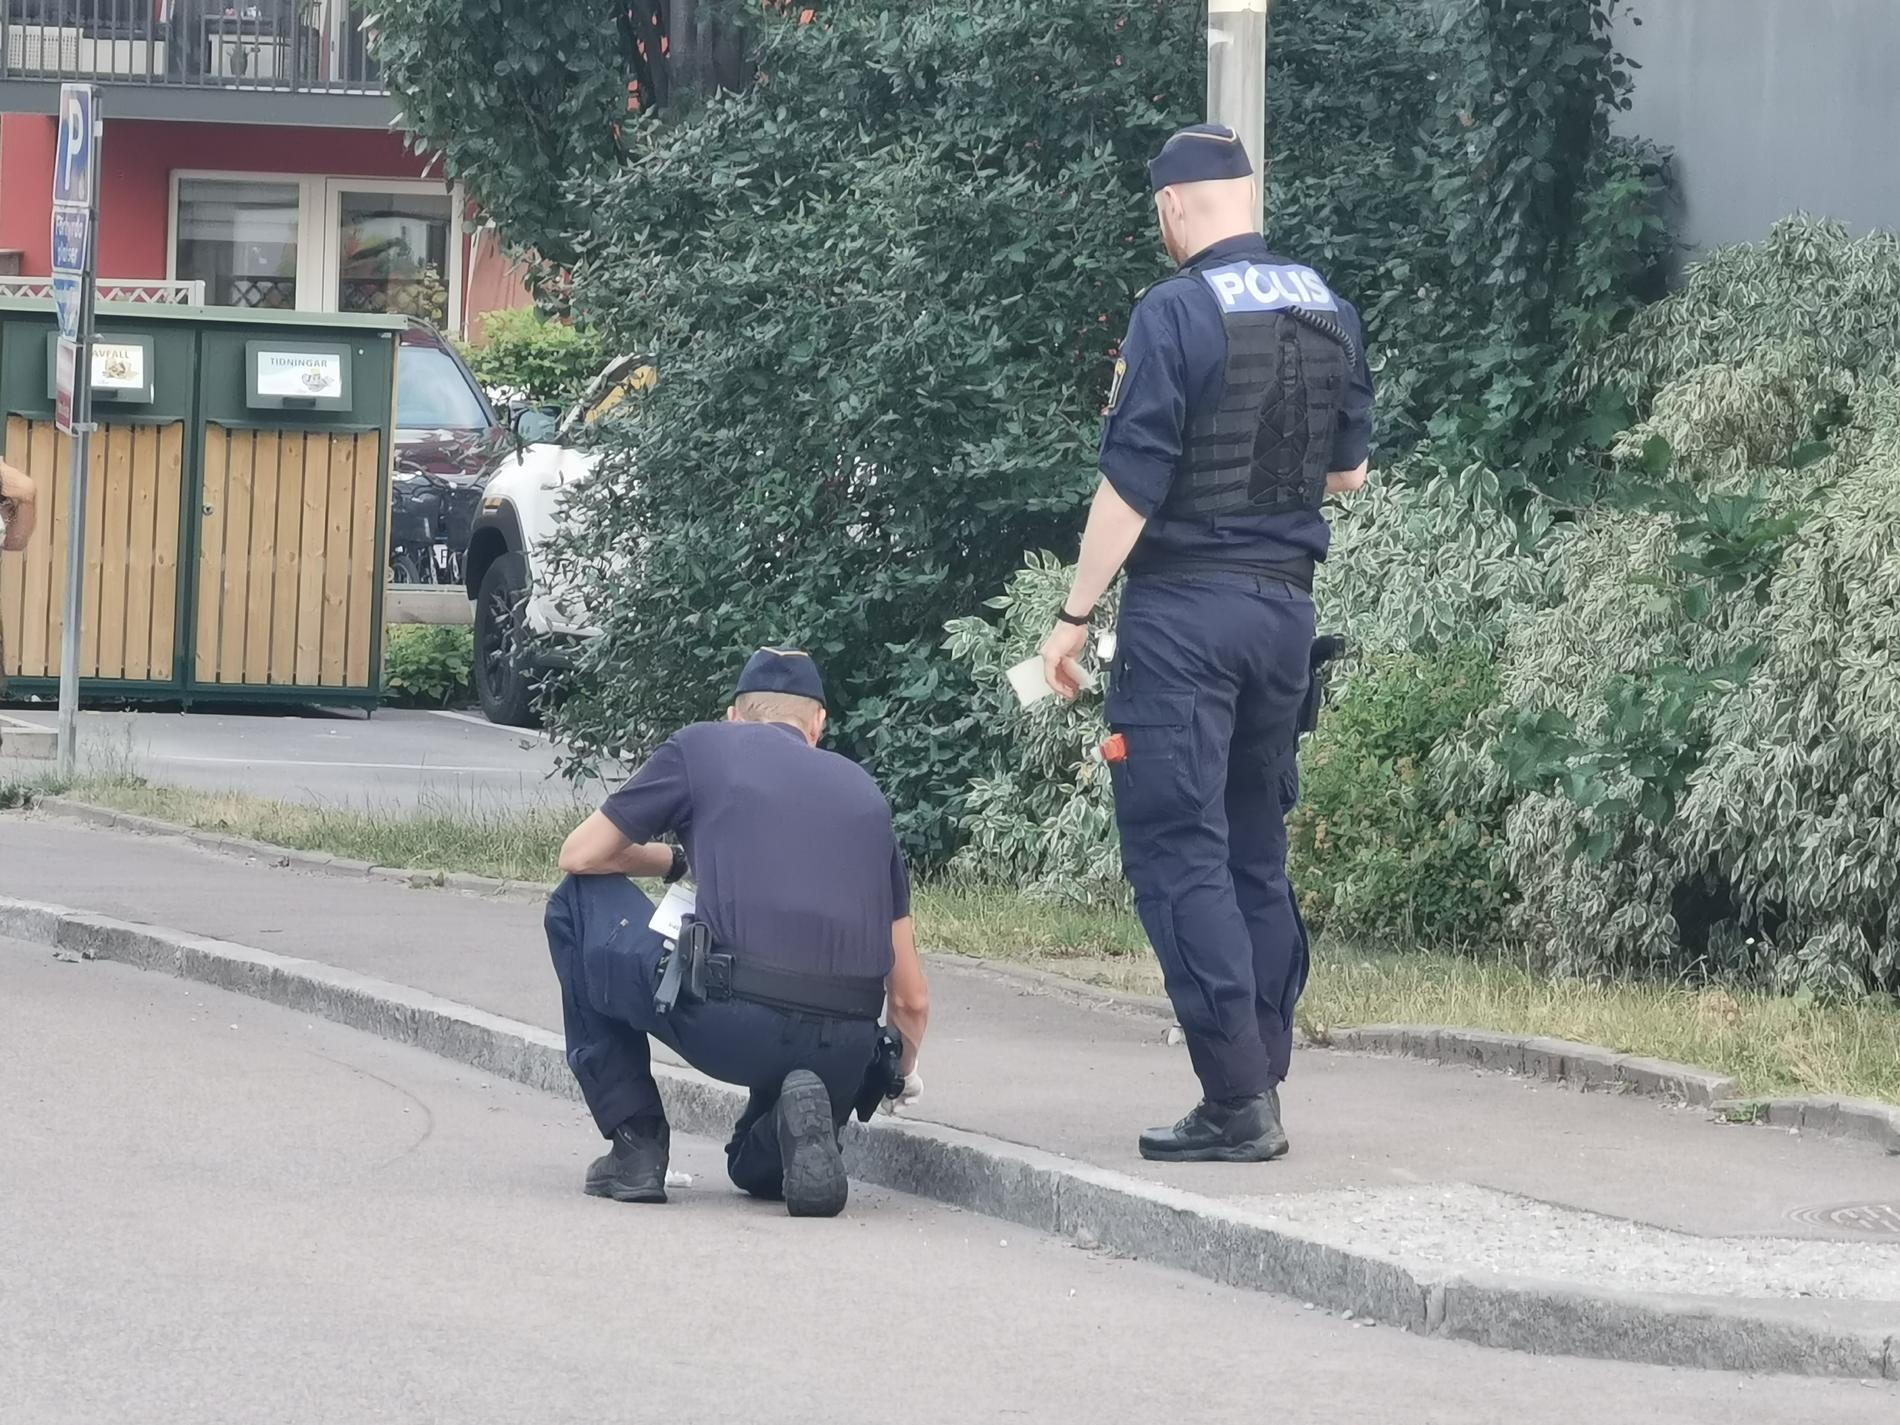 Enligt uppgifter till Aftonbladet utreds händelsen som misstänkt mordförsök.